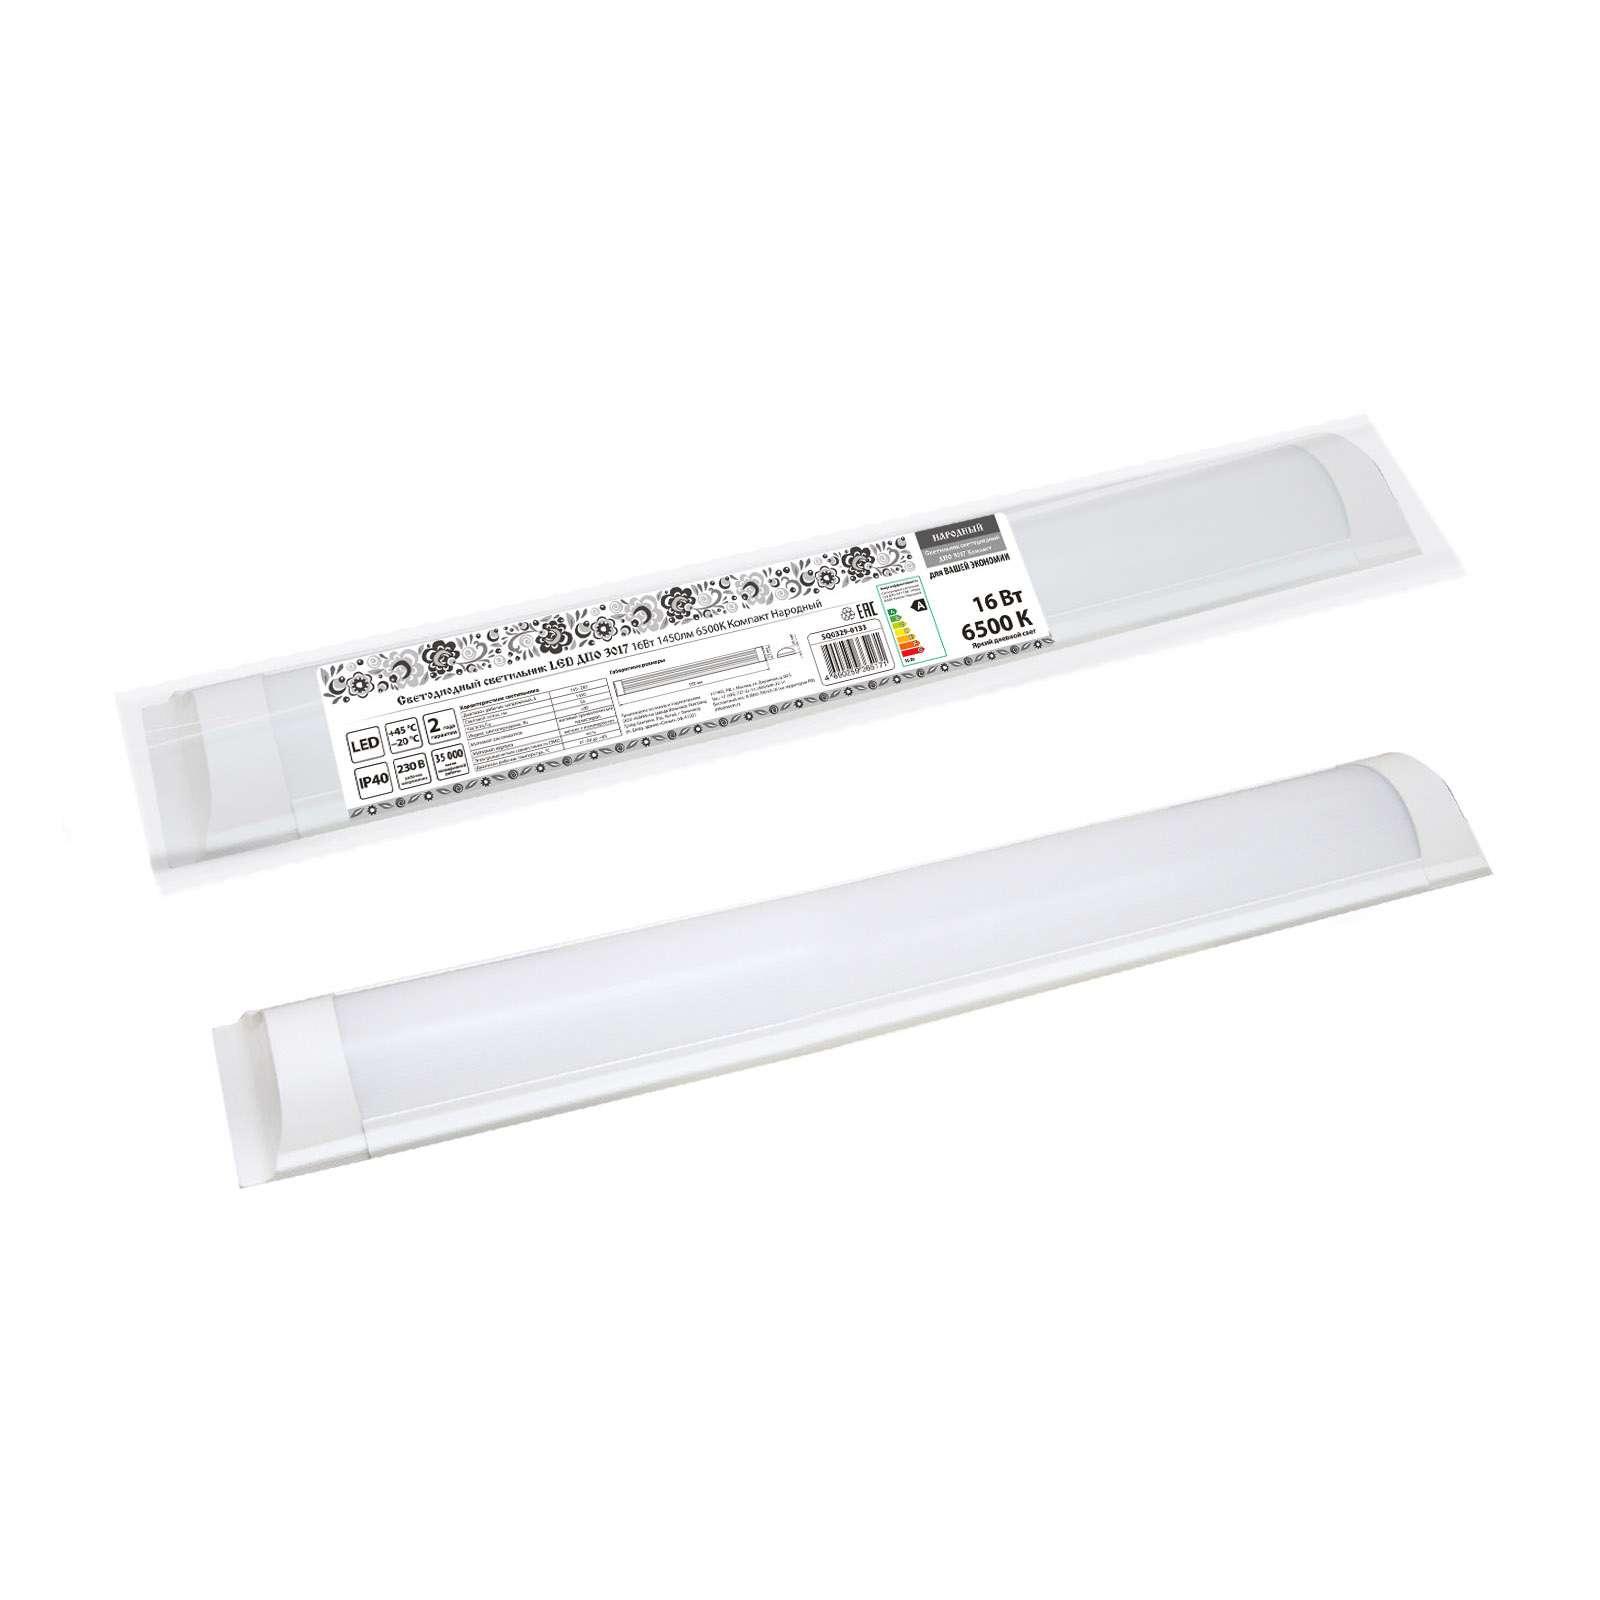 Светодиодный светильник LED ДПО 3017 16Вт 1450лм 6500К Компакт Народный 590*60*22